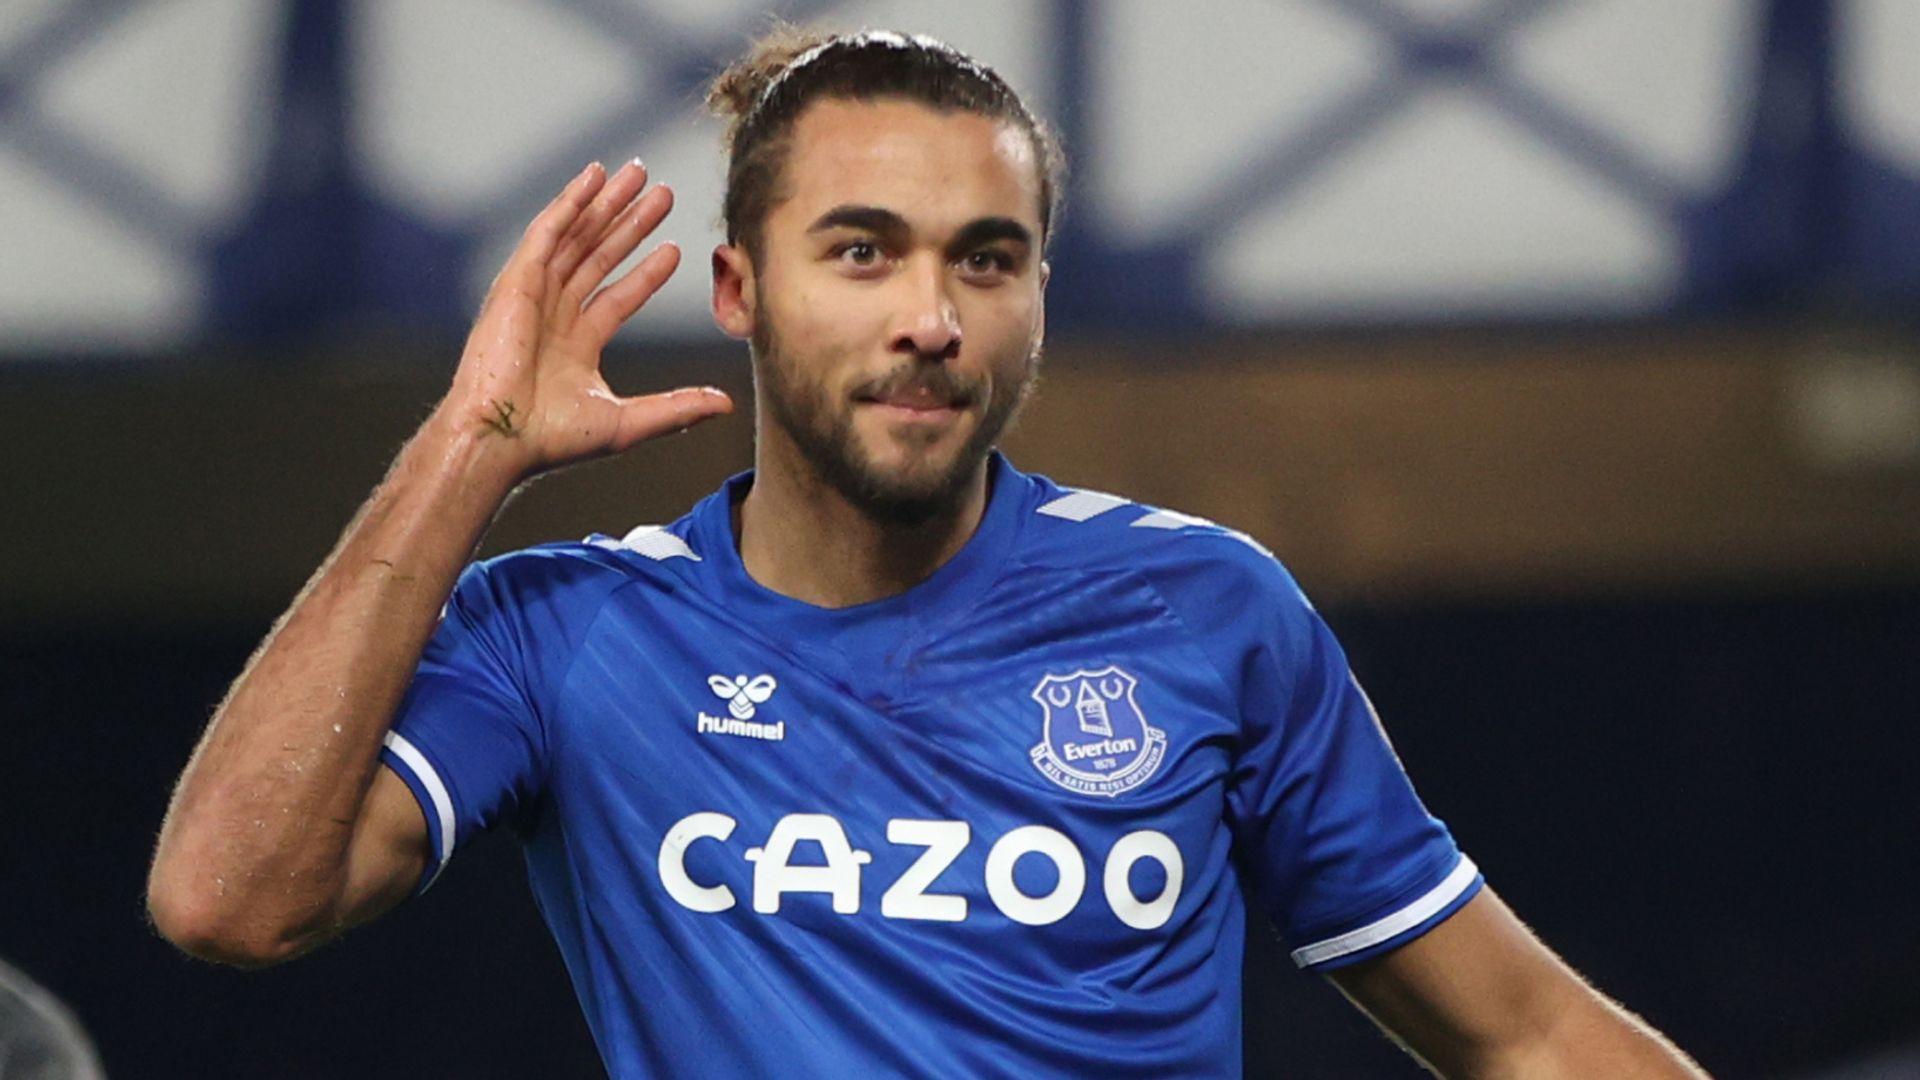 Calvert-Lewin scores as Everton brush past Sheff Wed